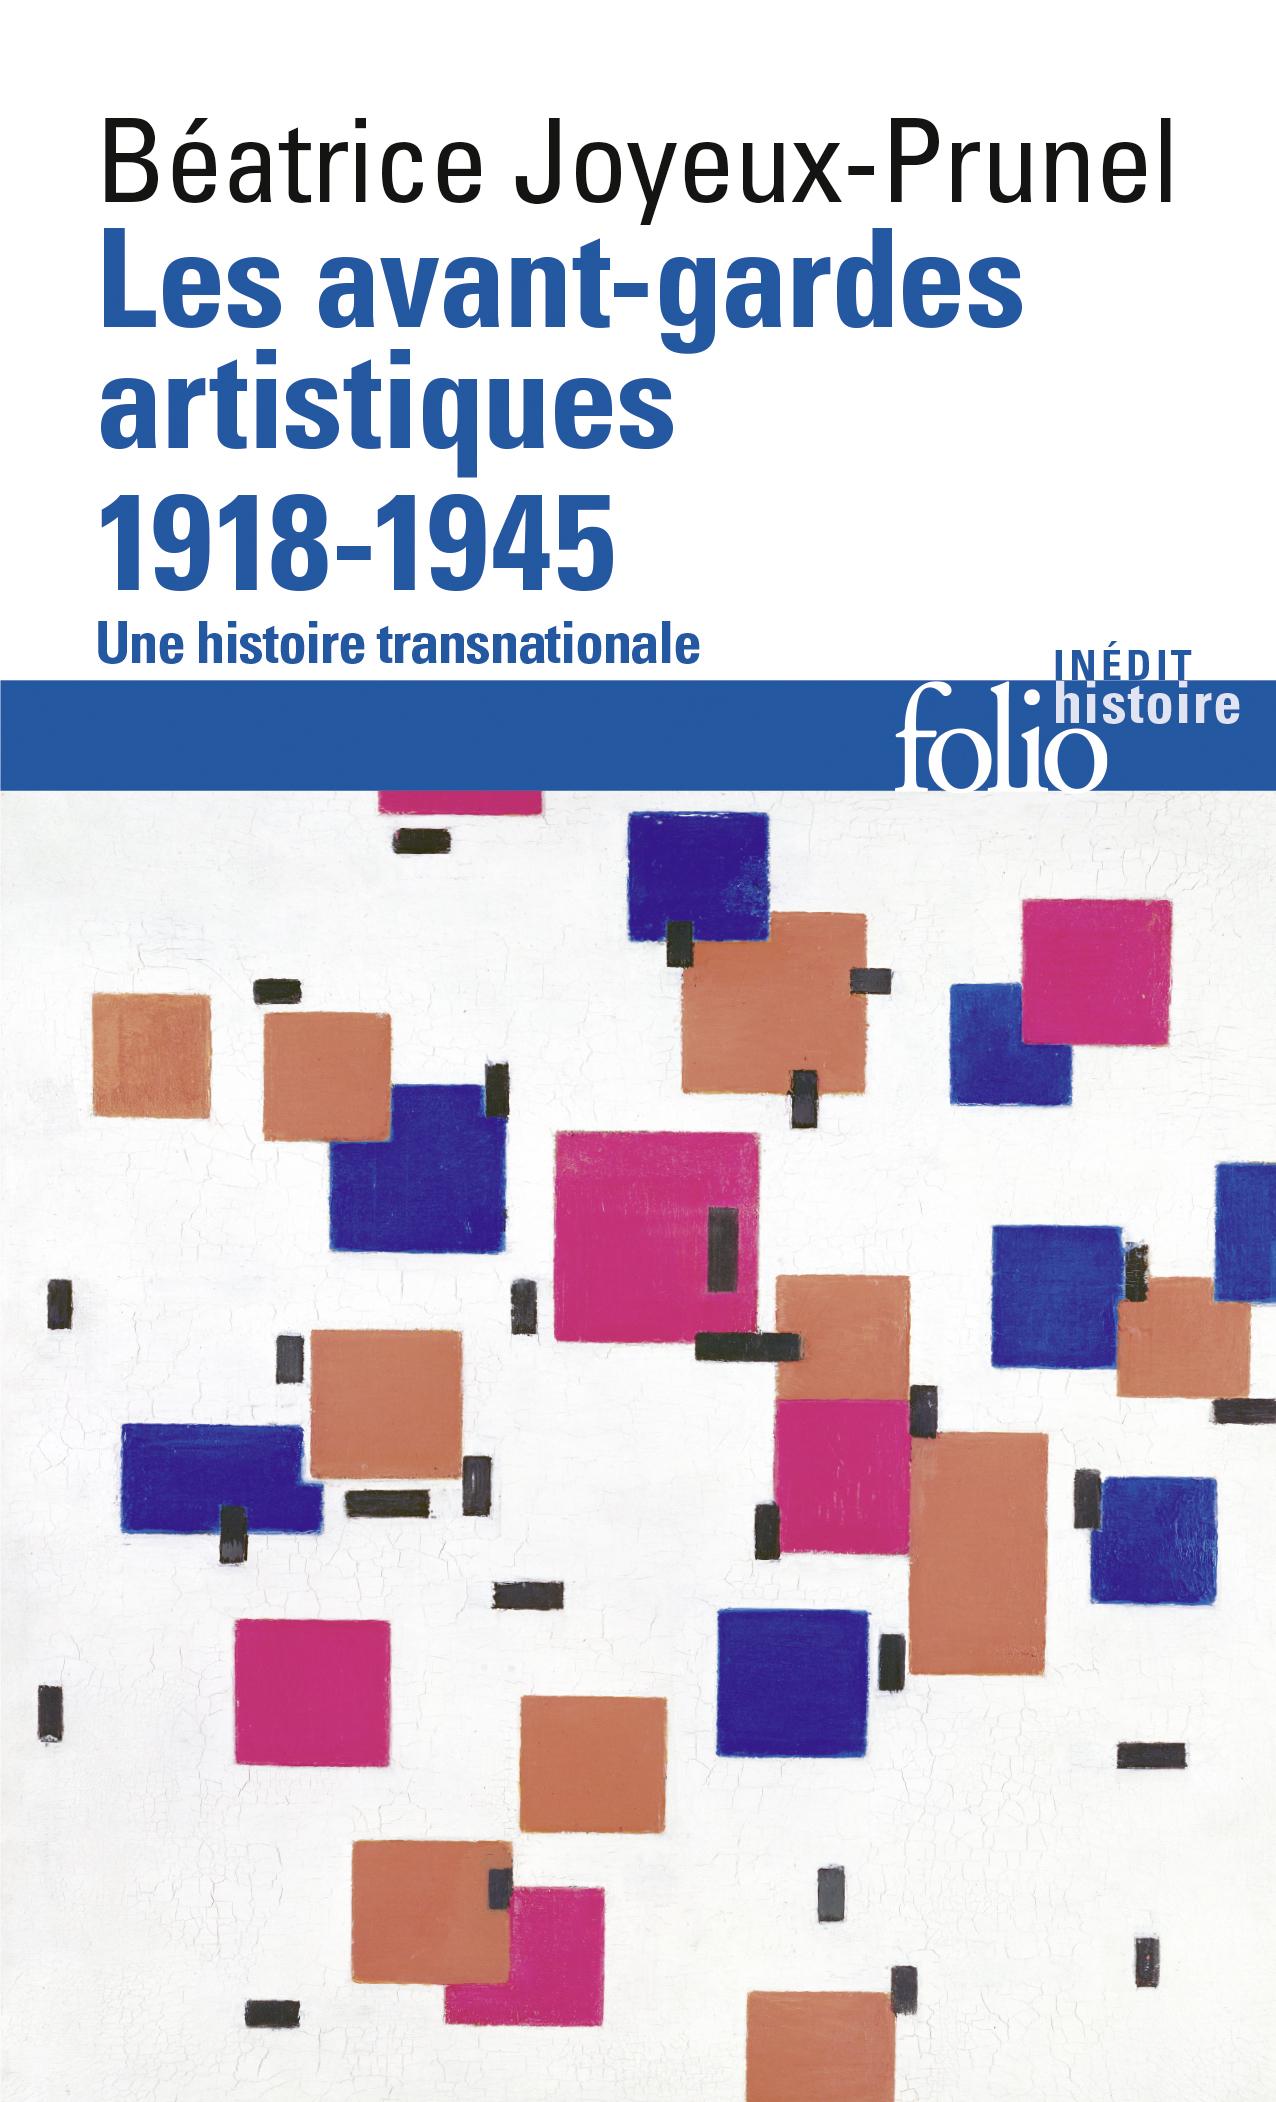 LES AVANT-GARDES ARTISTIQUES 1918-1945